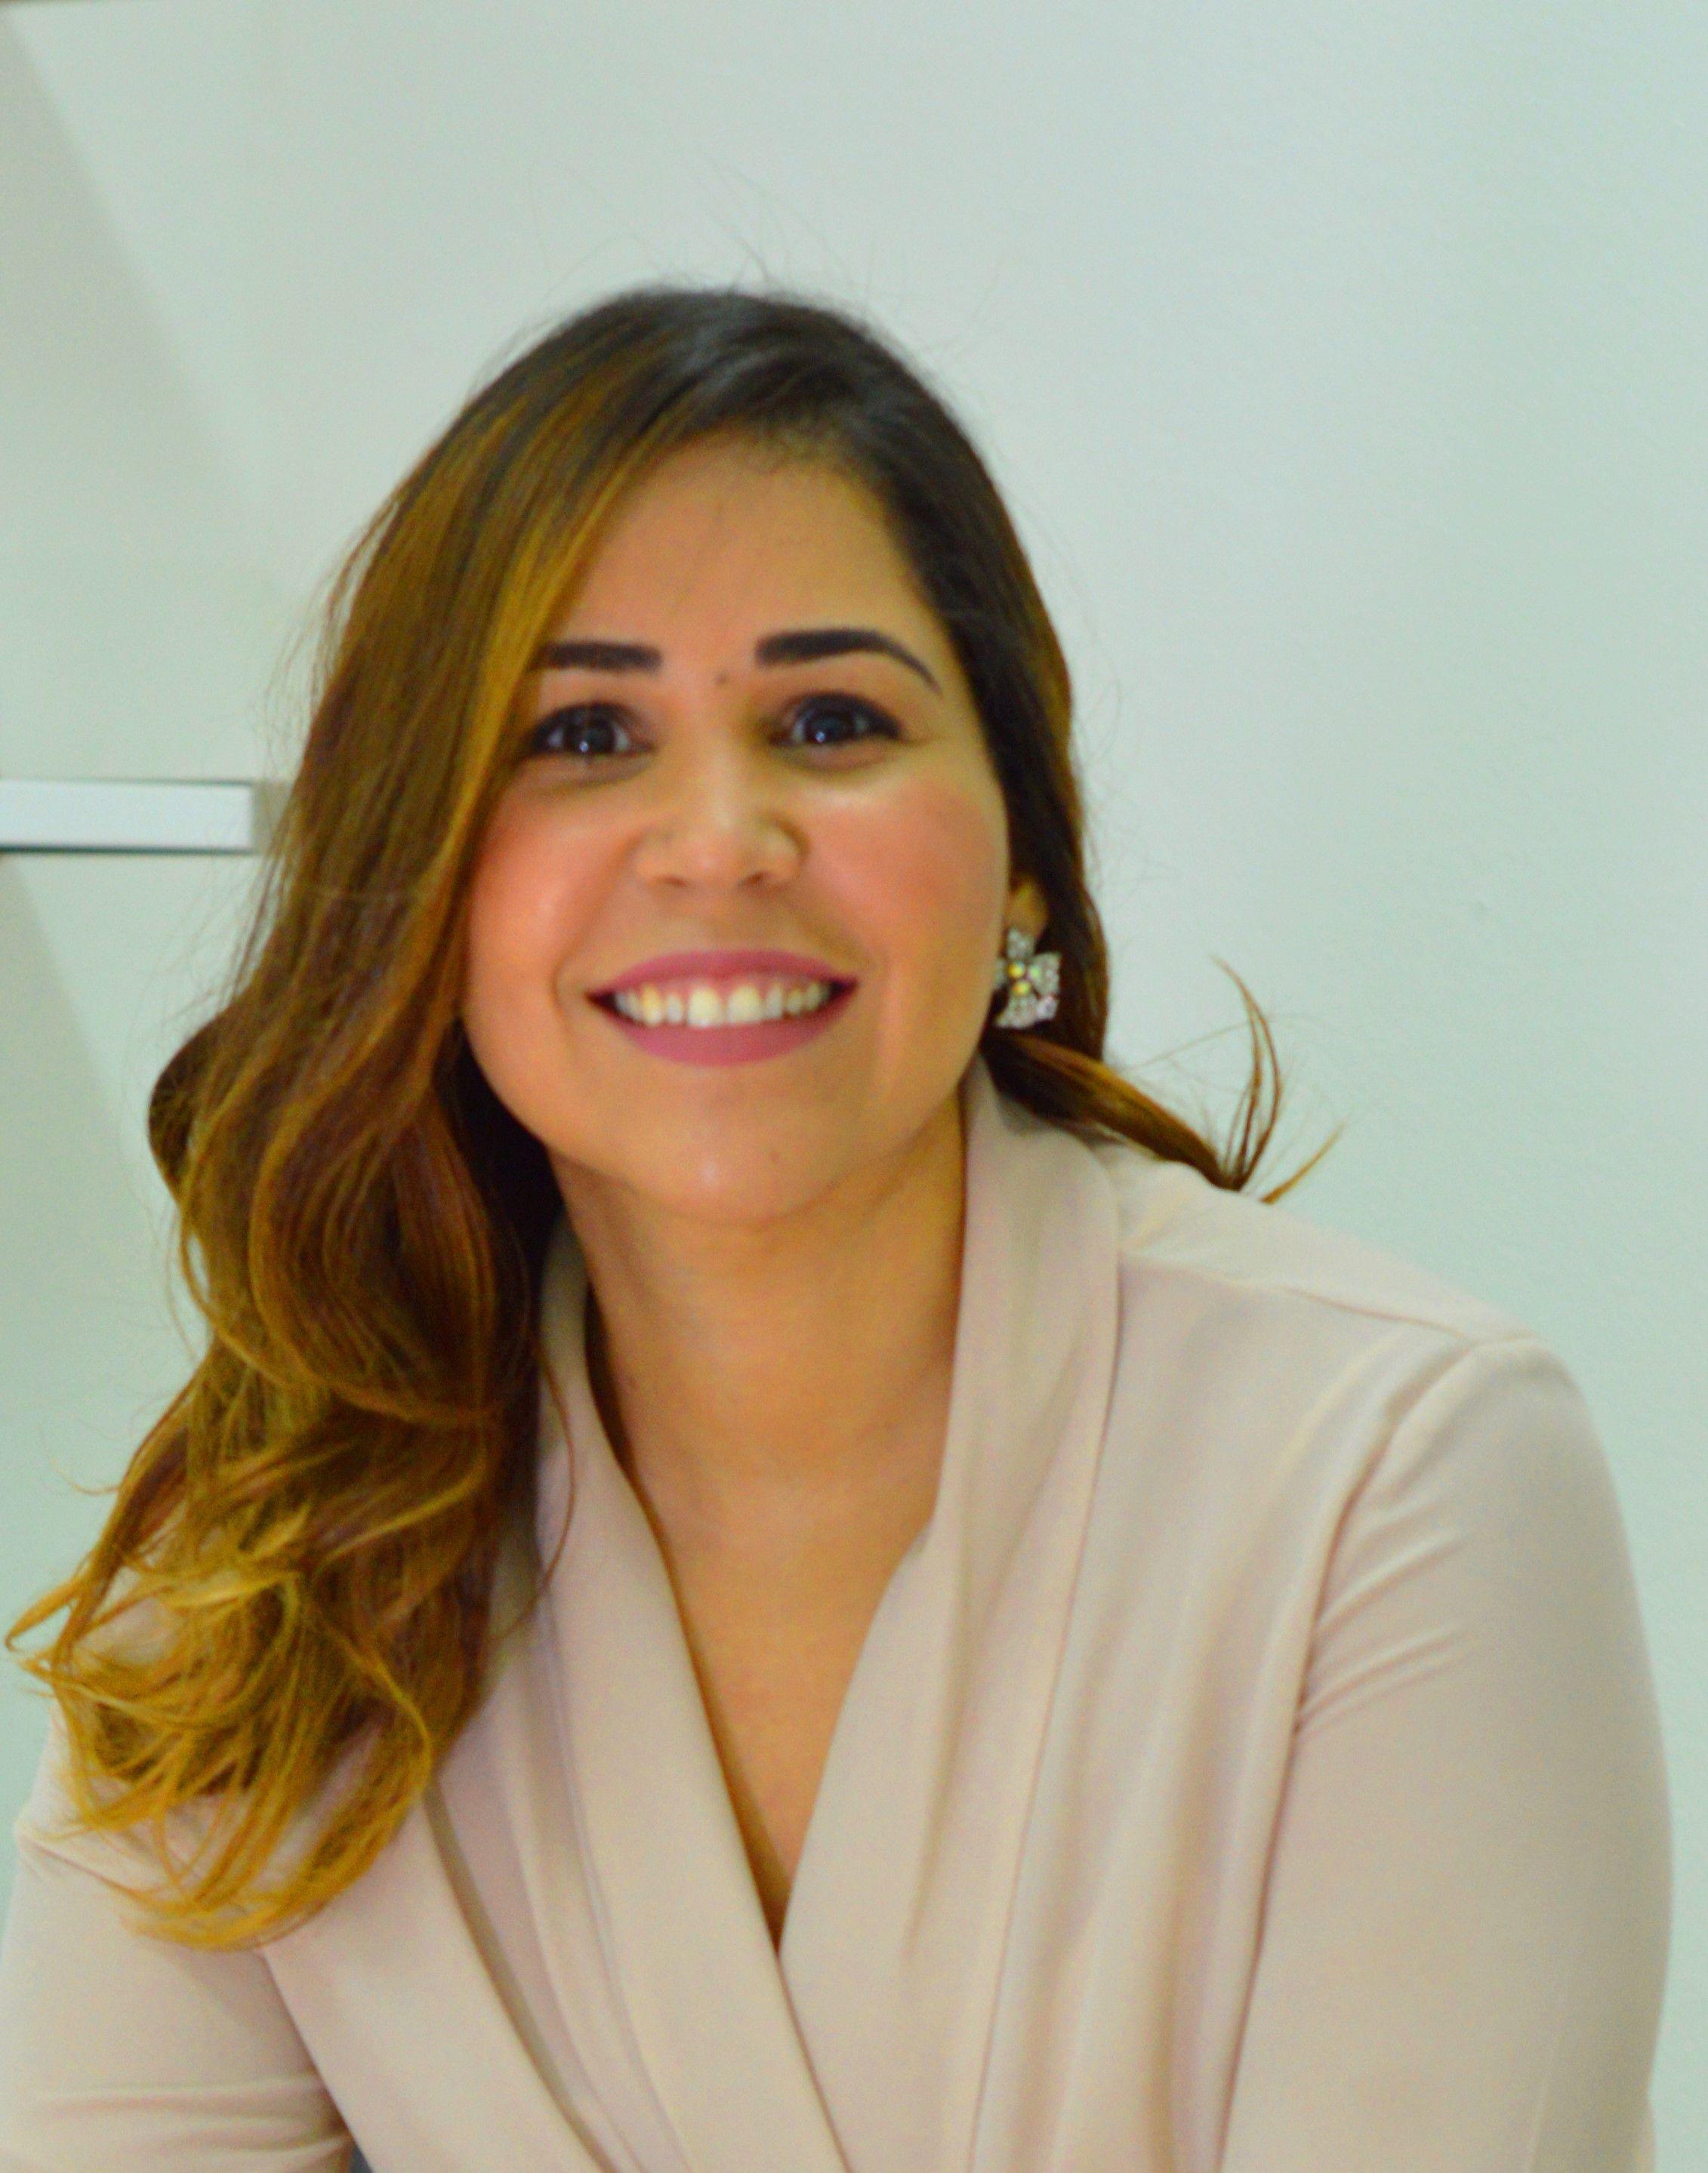 Ámbar Hernández Malena: El Marketing de la belleza, salud y bienestar